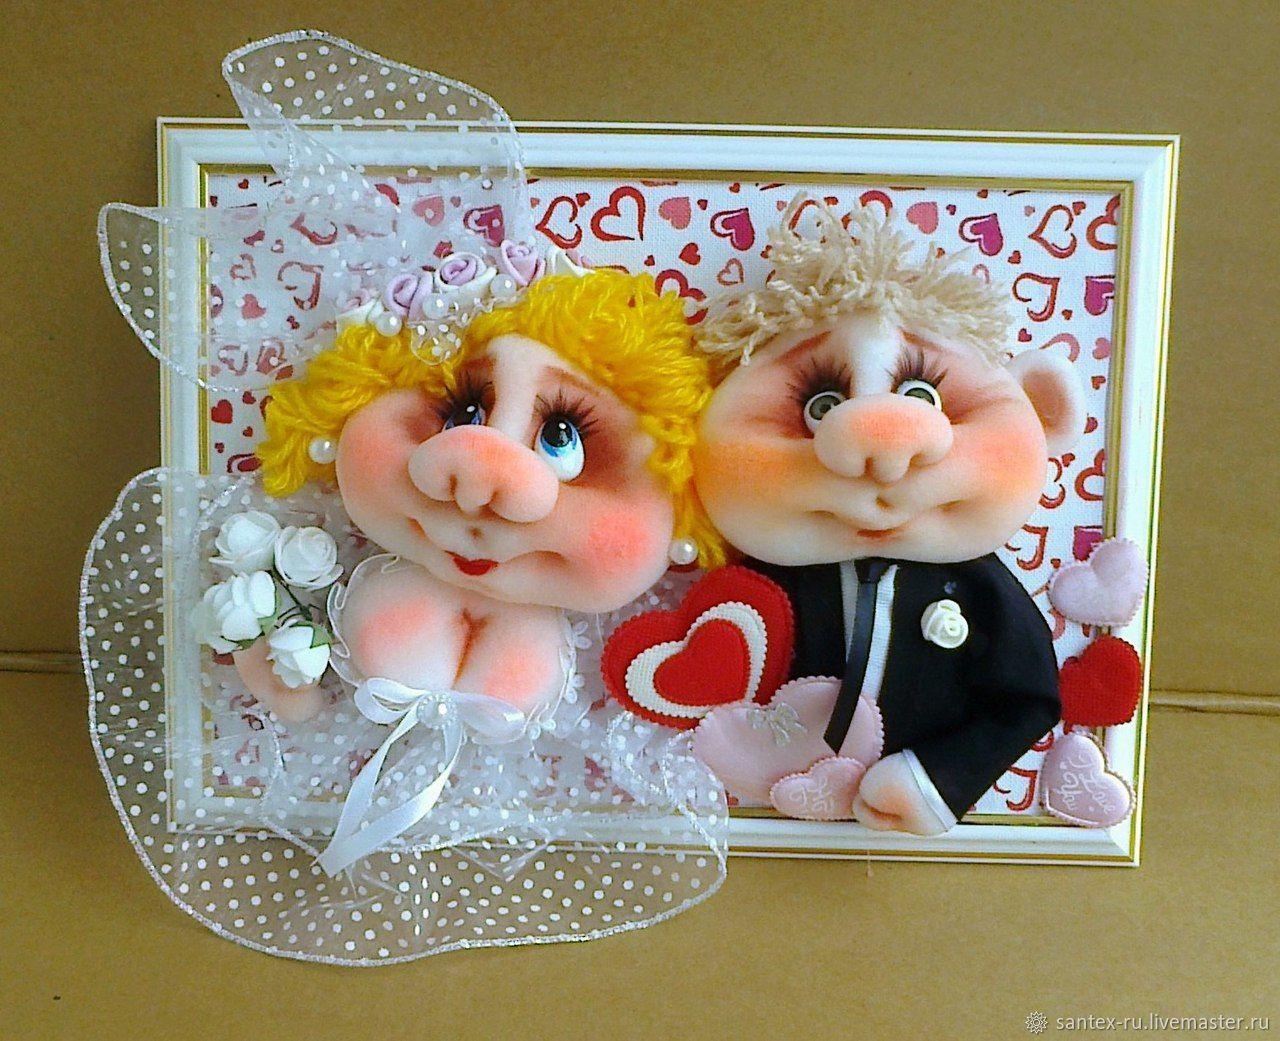 Свадебные подарки молодоженам своими руками 65